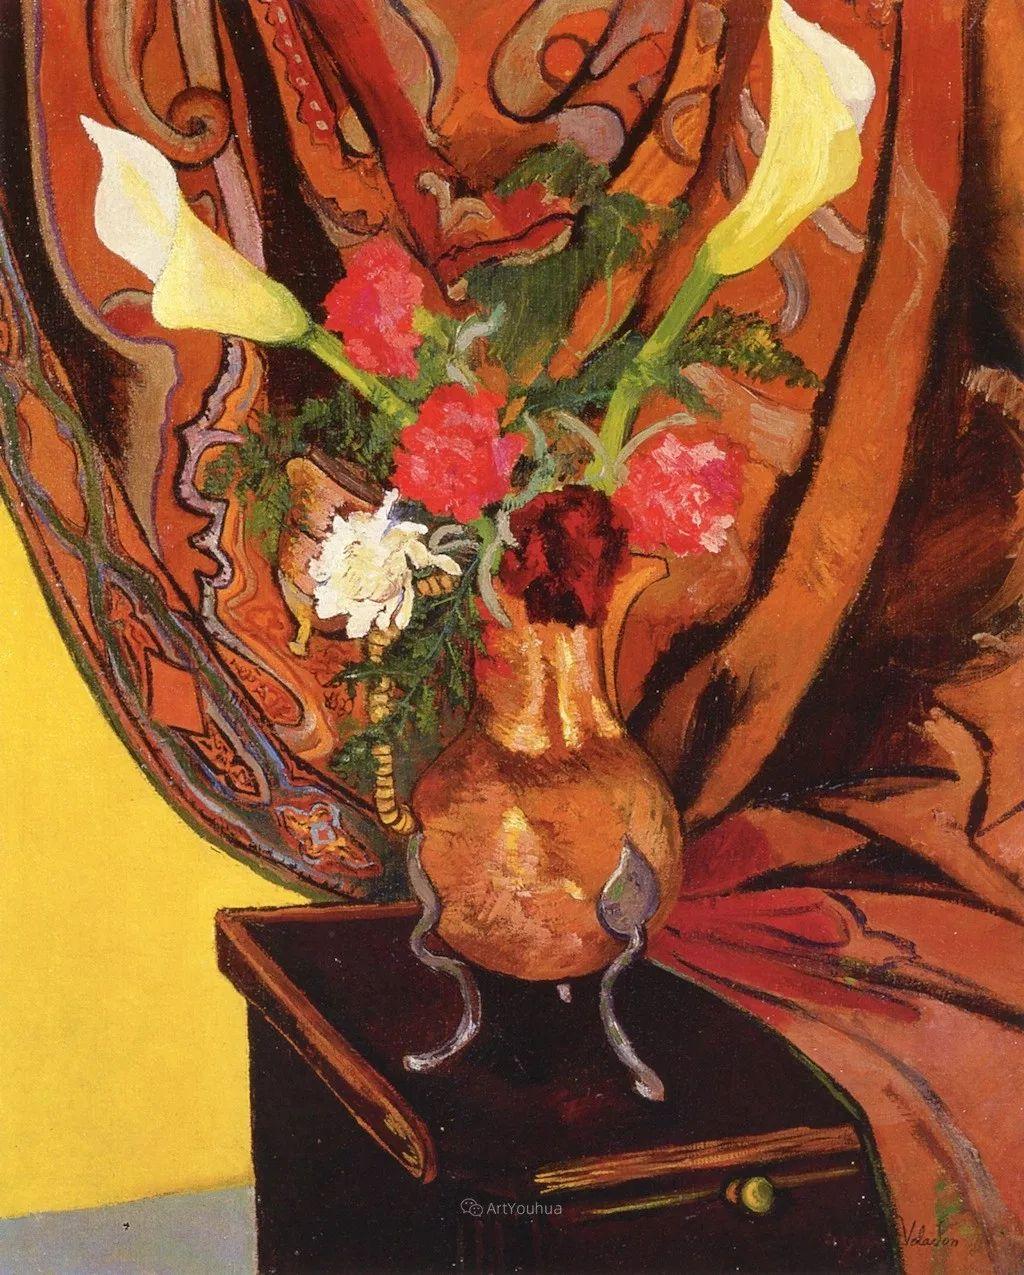 法国美术家协会第一个女性成员——苏珊娜·瓦拉东插图19